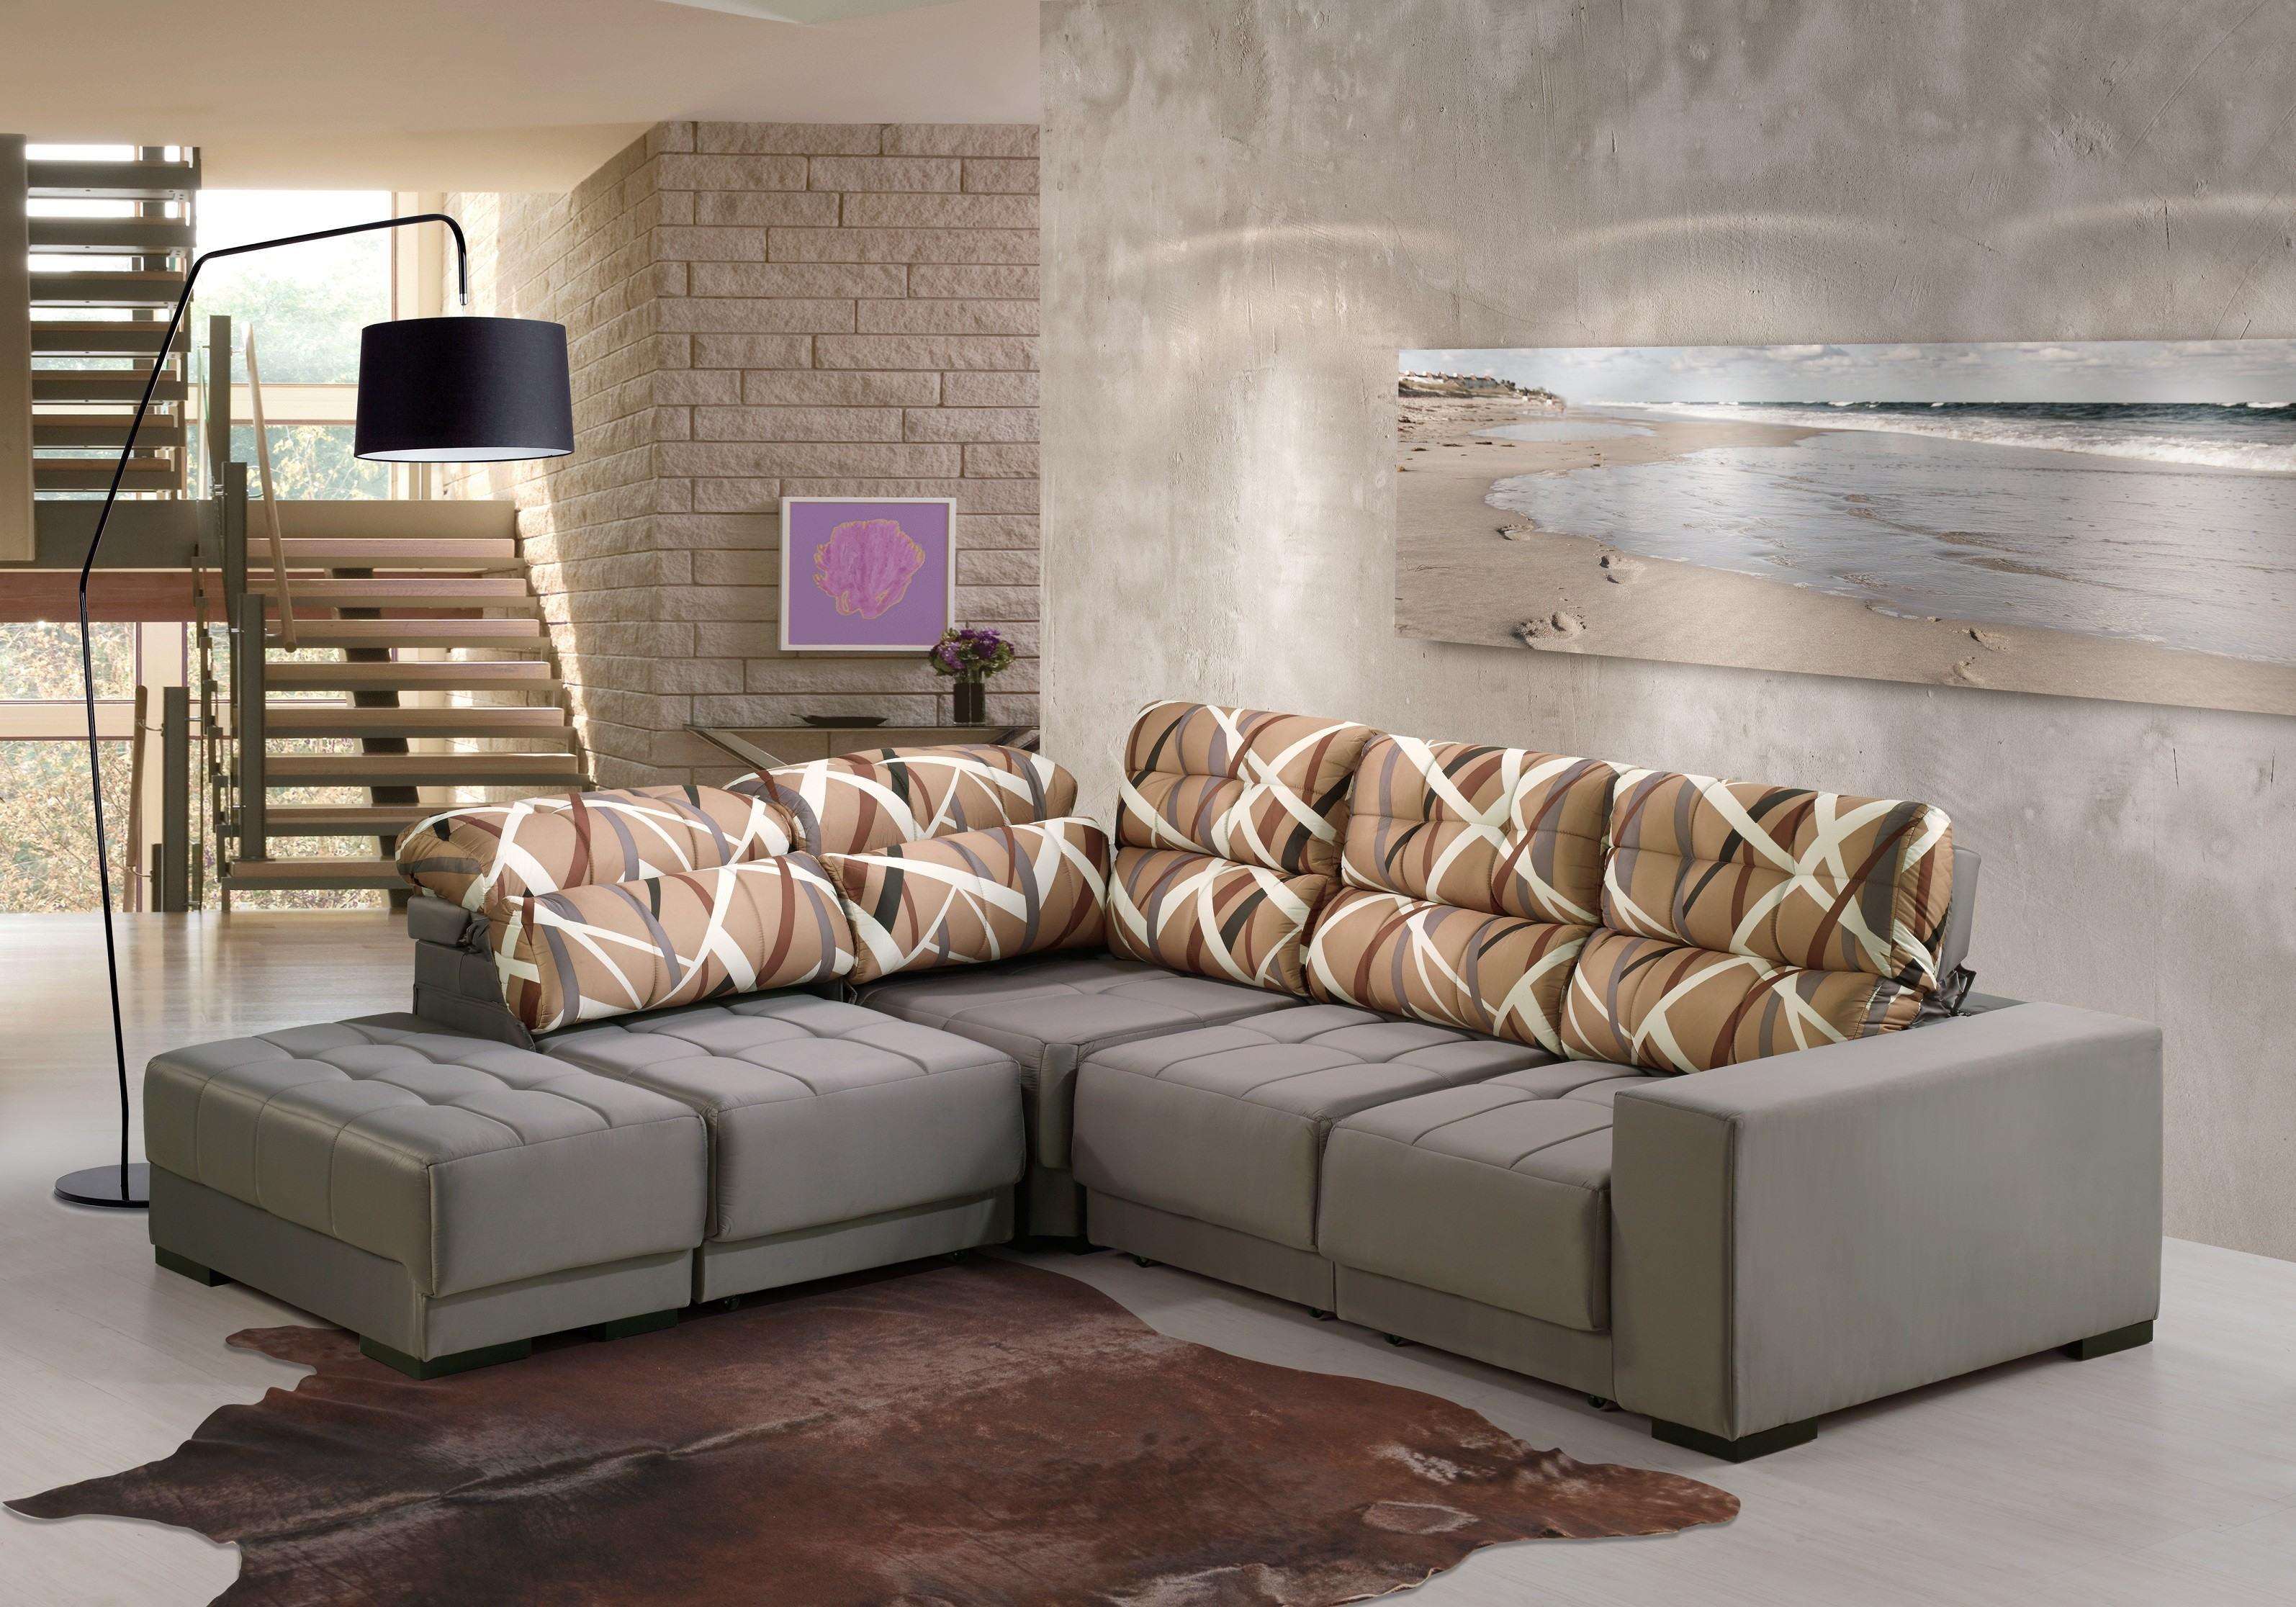 Sof De Canto Moderno Muitas Alternativas Pra Sala Jet Dicas -> Sala Com Sofa Cinza E Poltronas